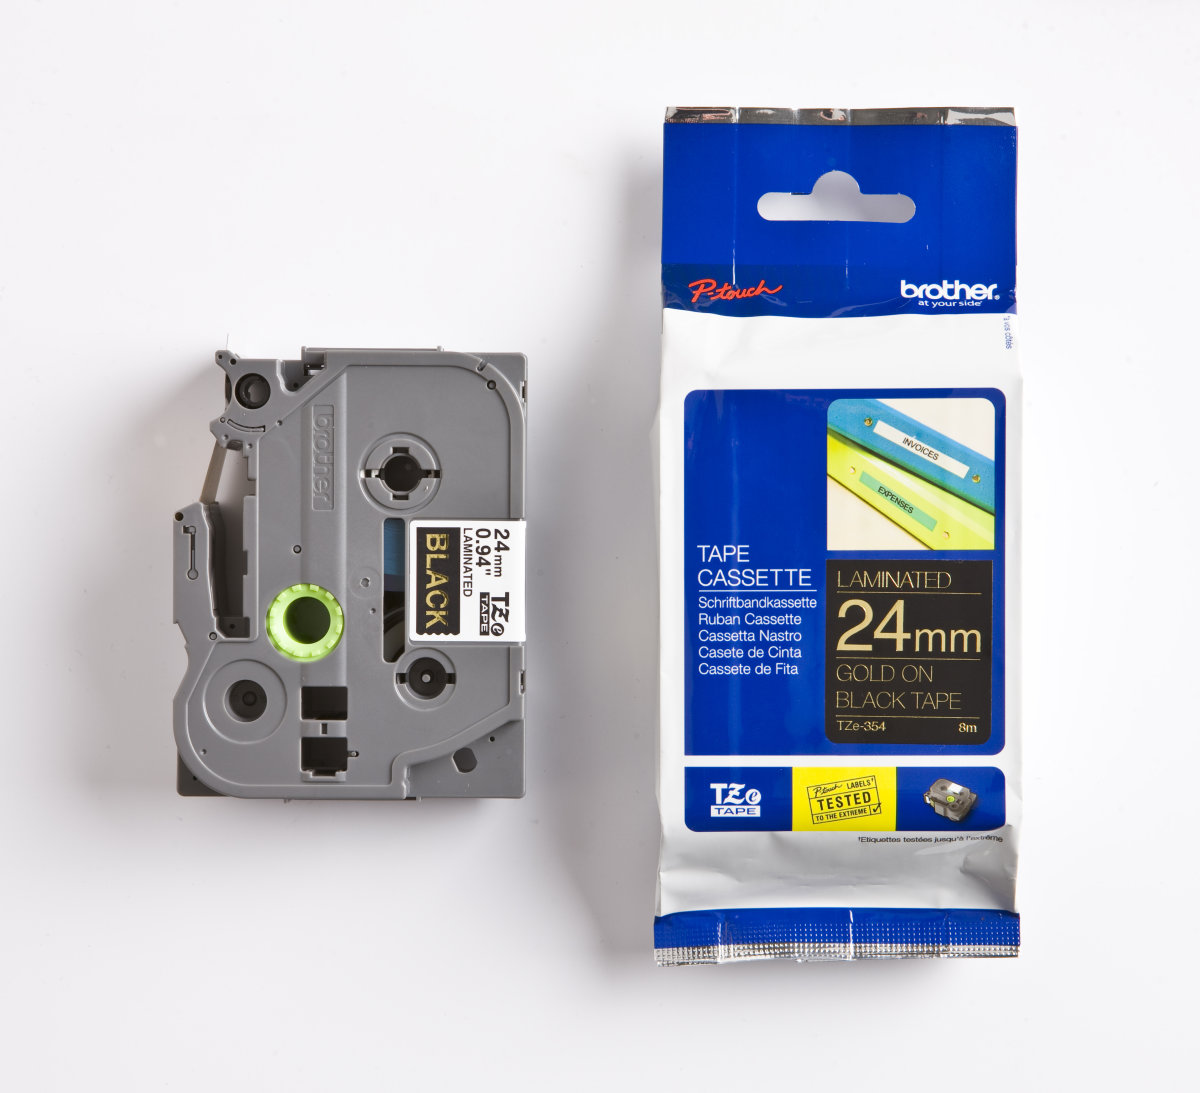 Brother TZe-354 labeltape 24mm, guld på sort